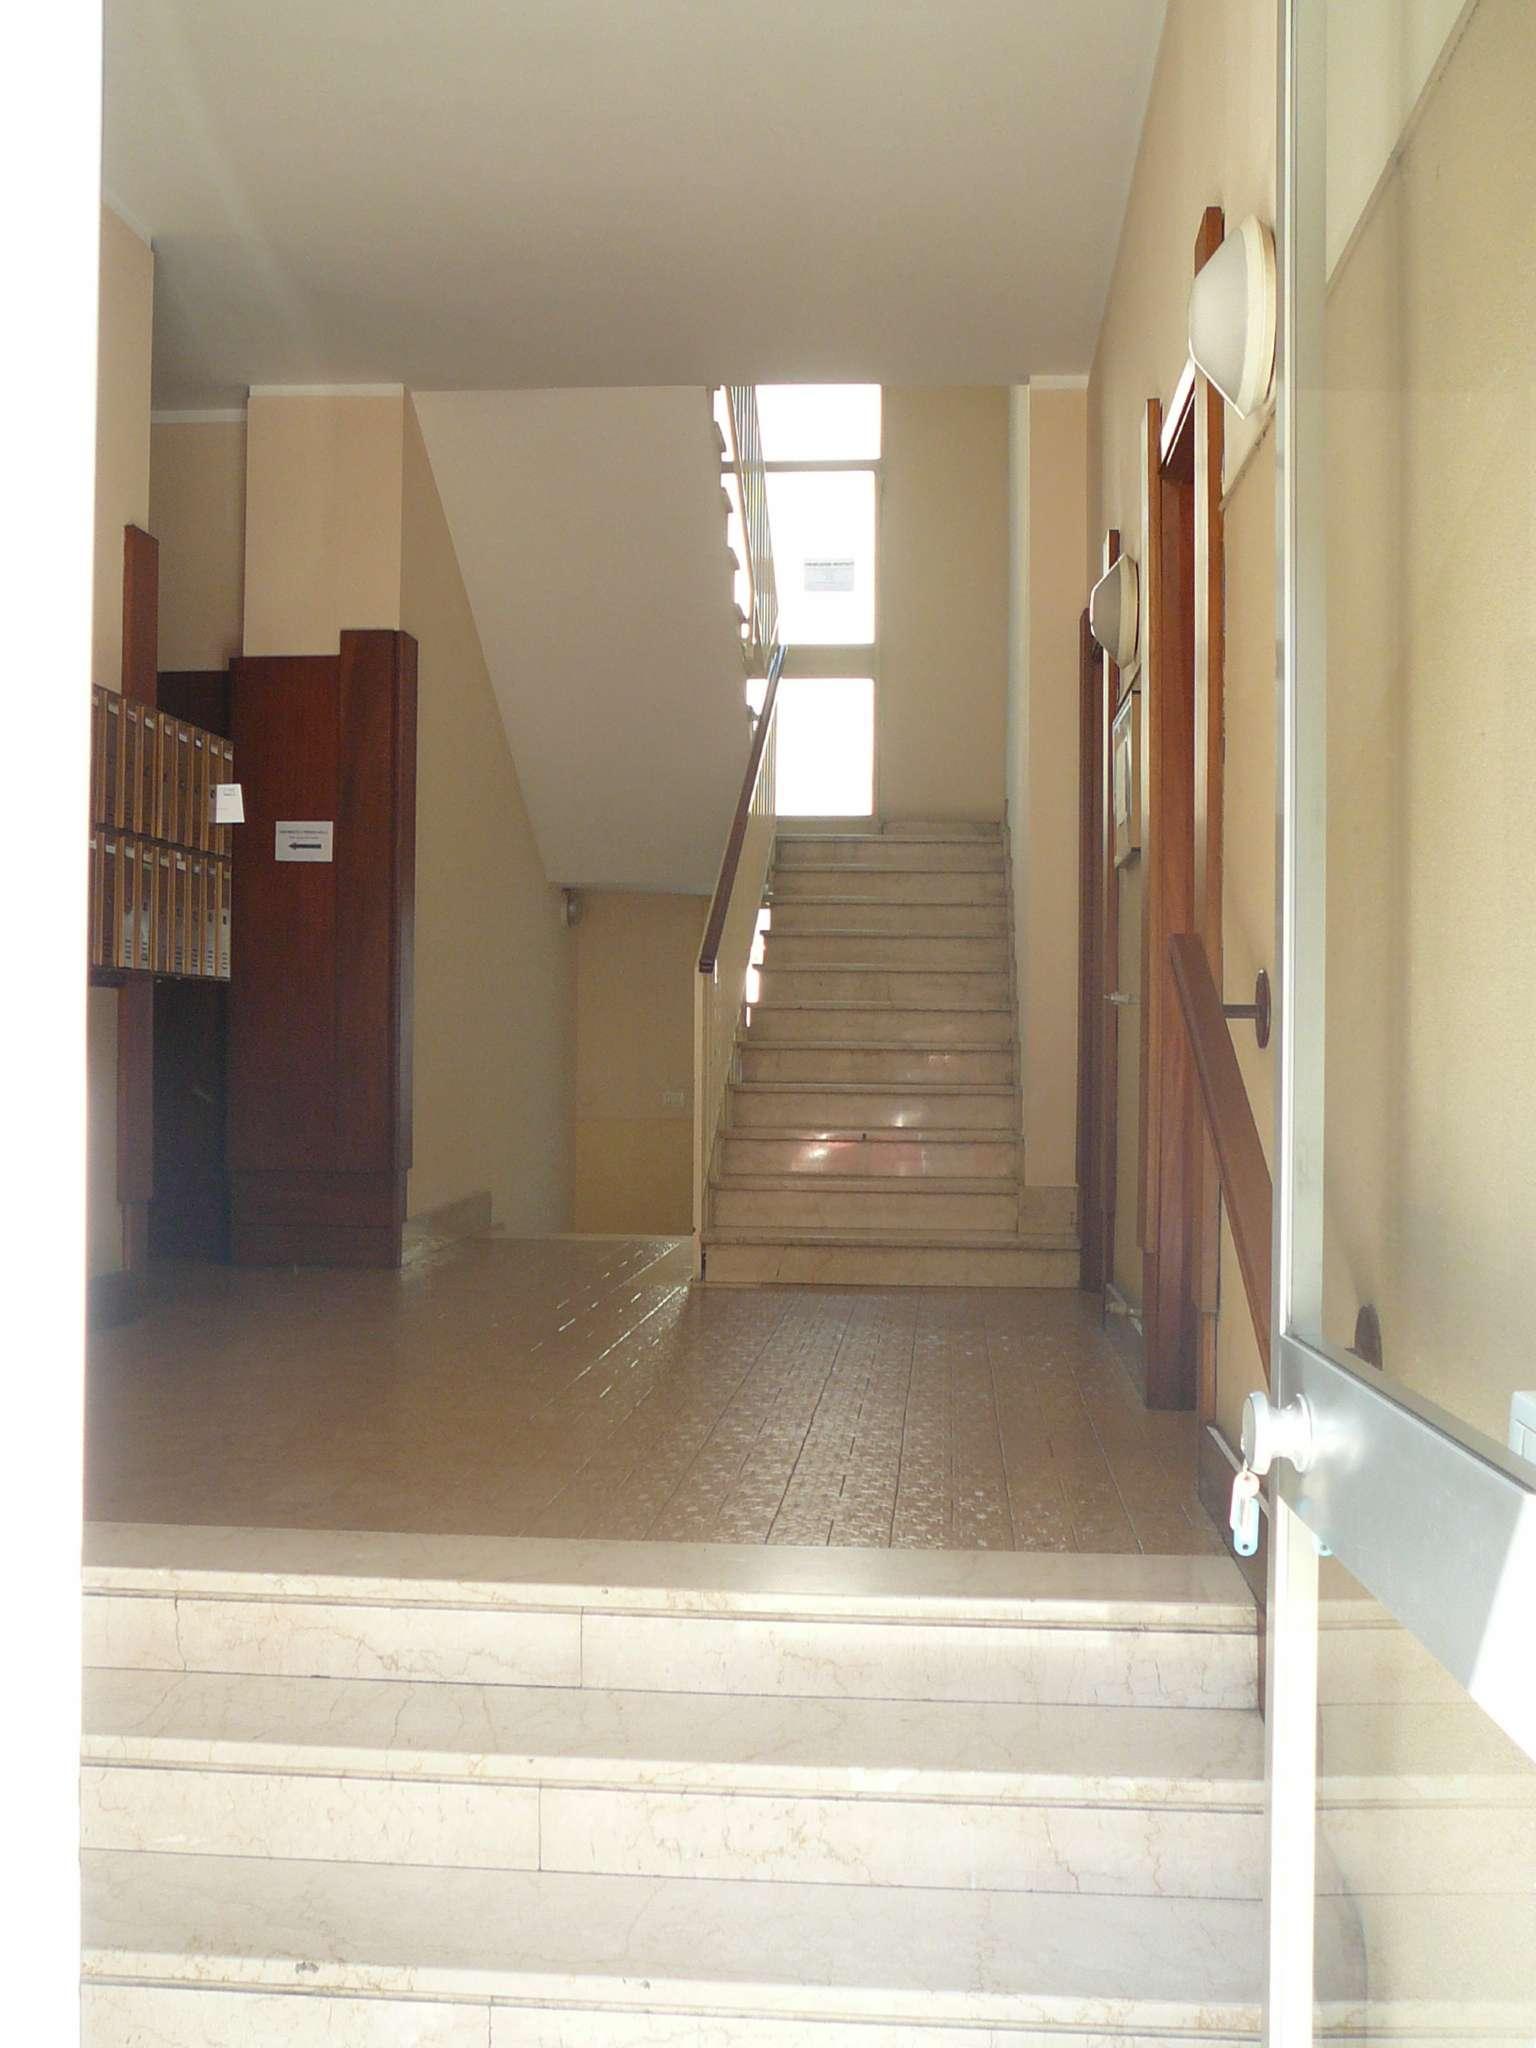 Bilocale Casale Monferrato Via Eleuterio Pagliano 8